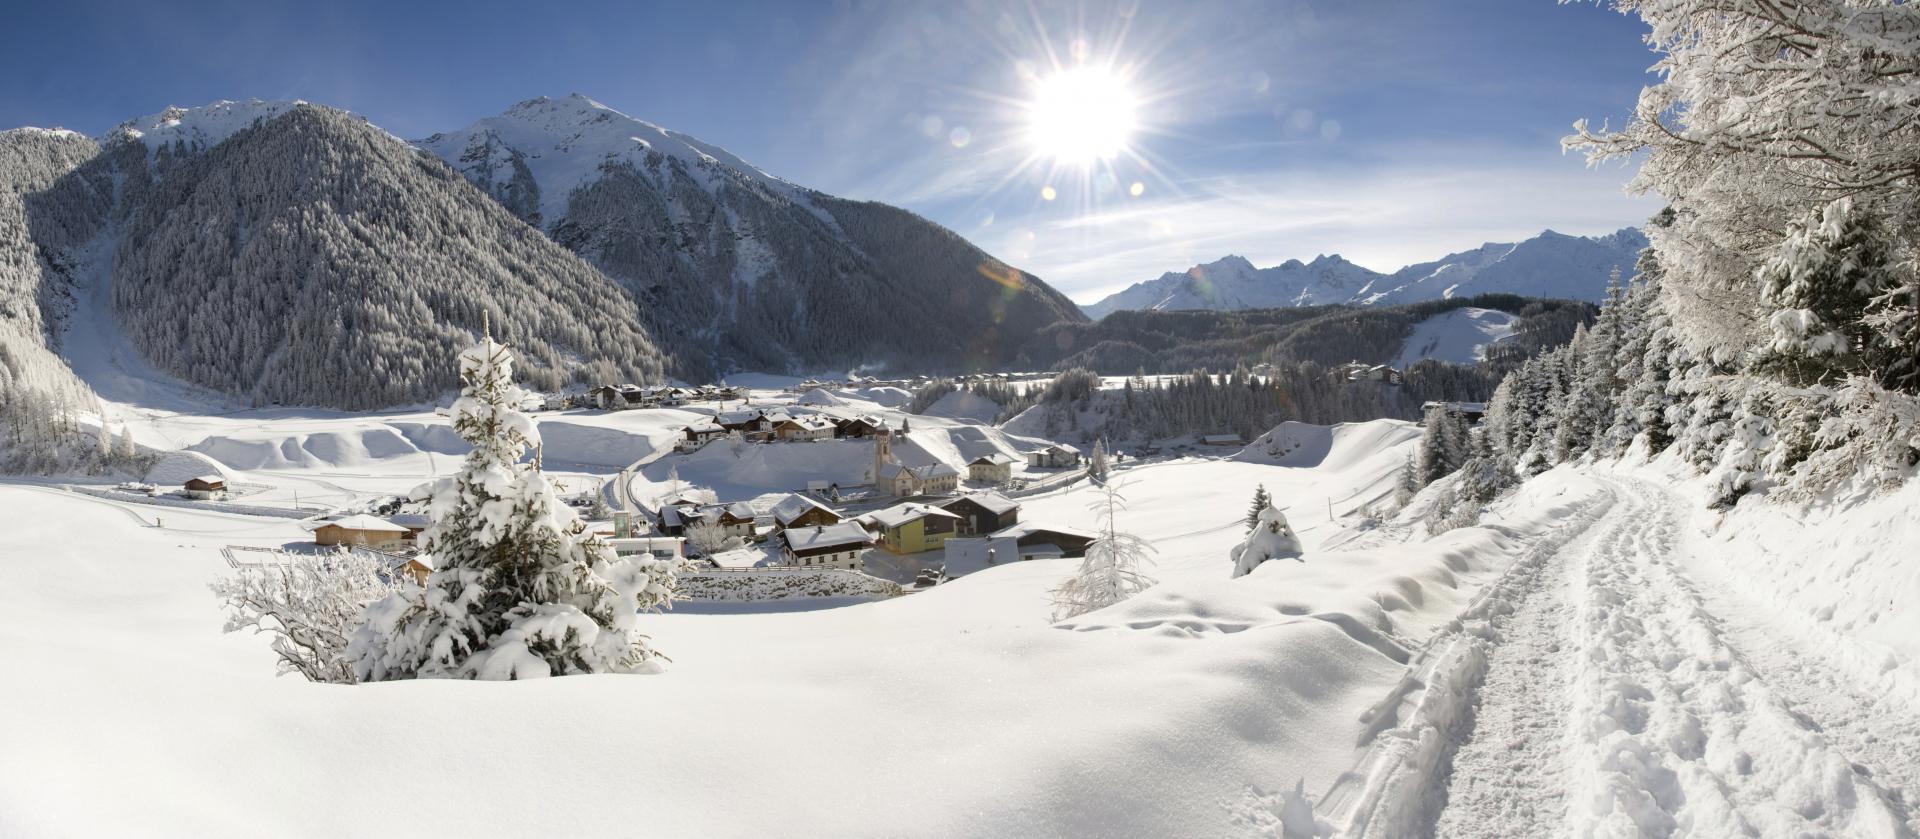 Appartement & Biobauernhof der Veitenhof #Winter#Bilder